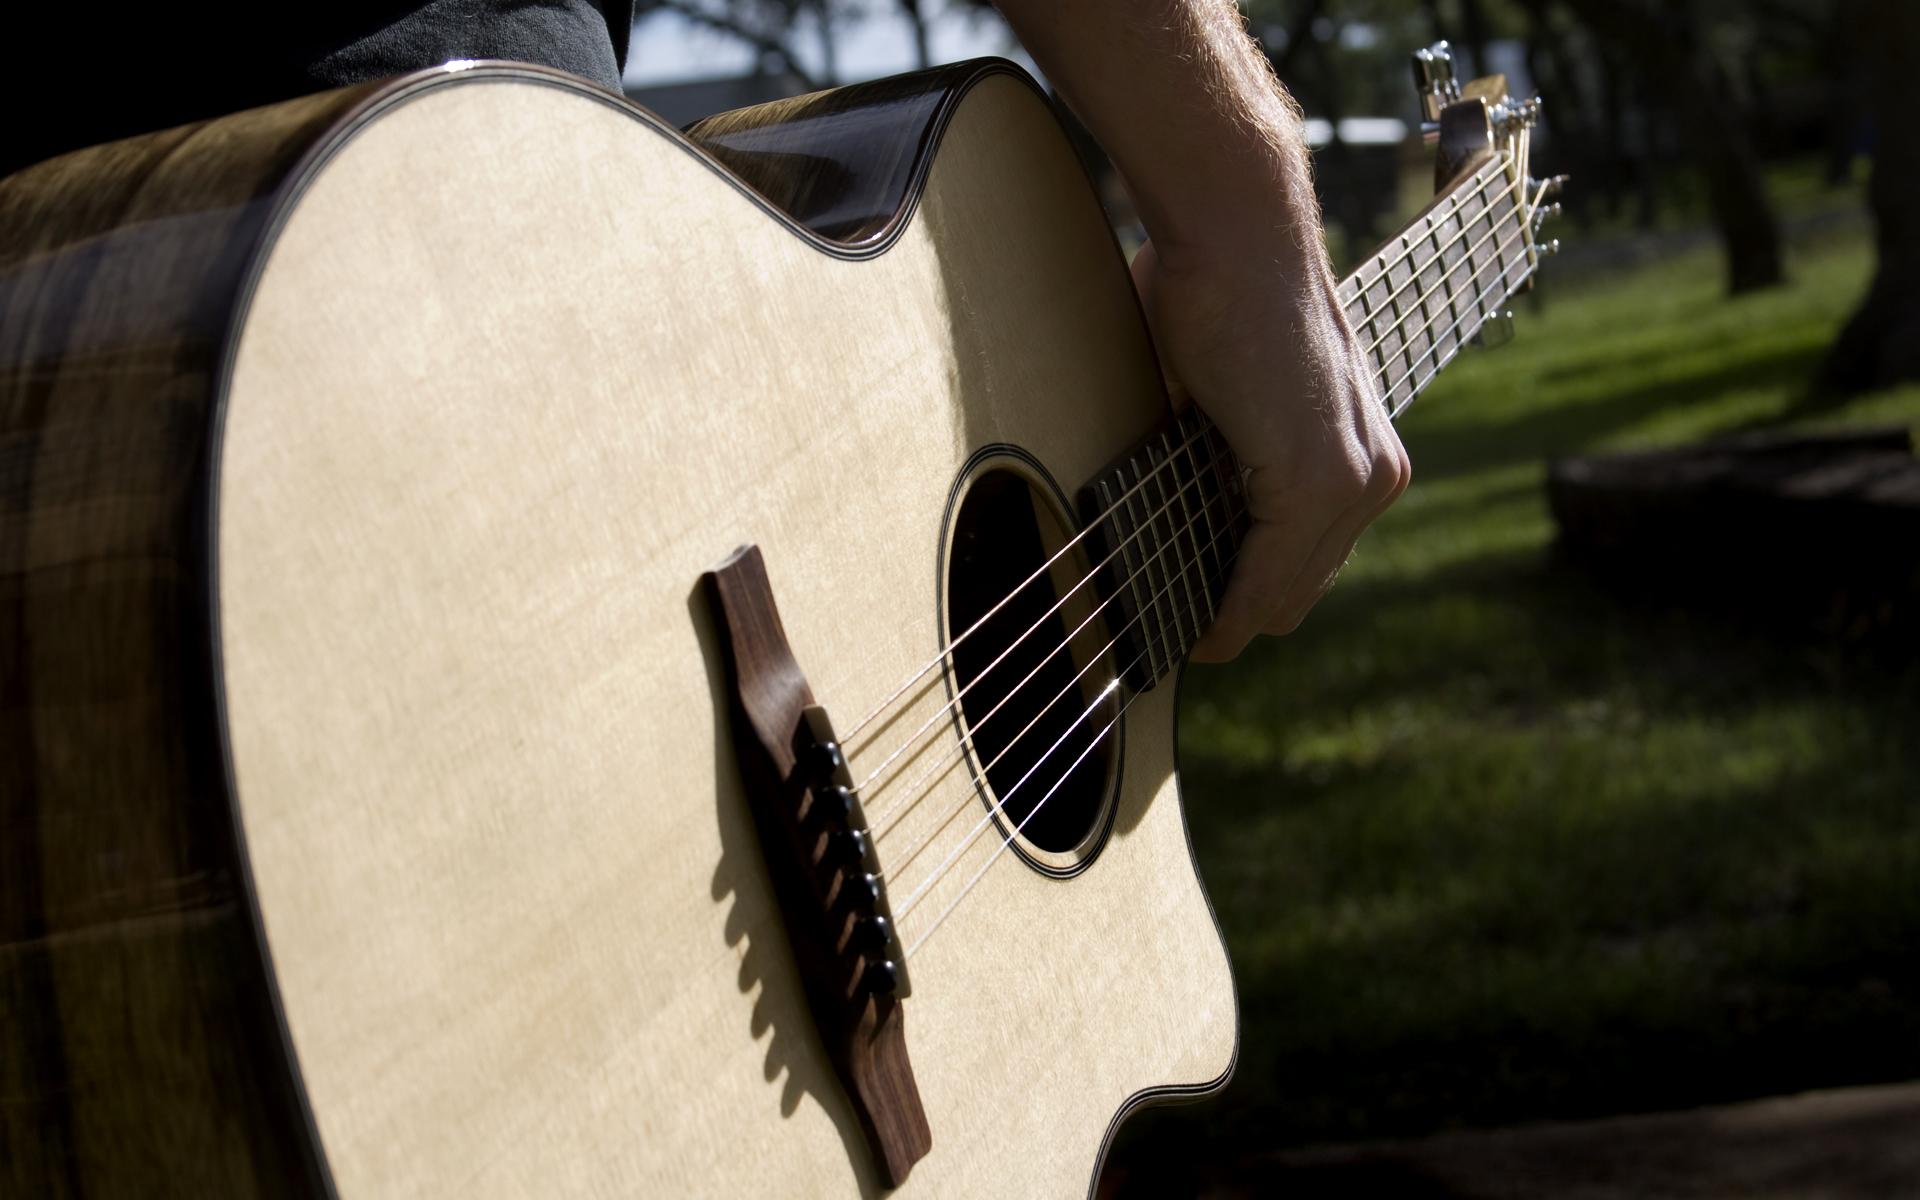 guitarfc.com_Guitar Bg (8)